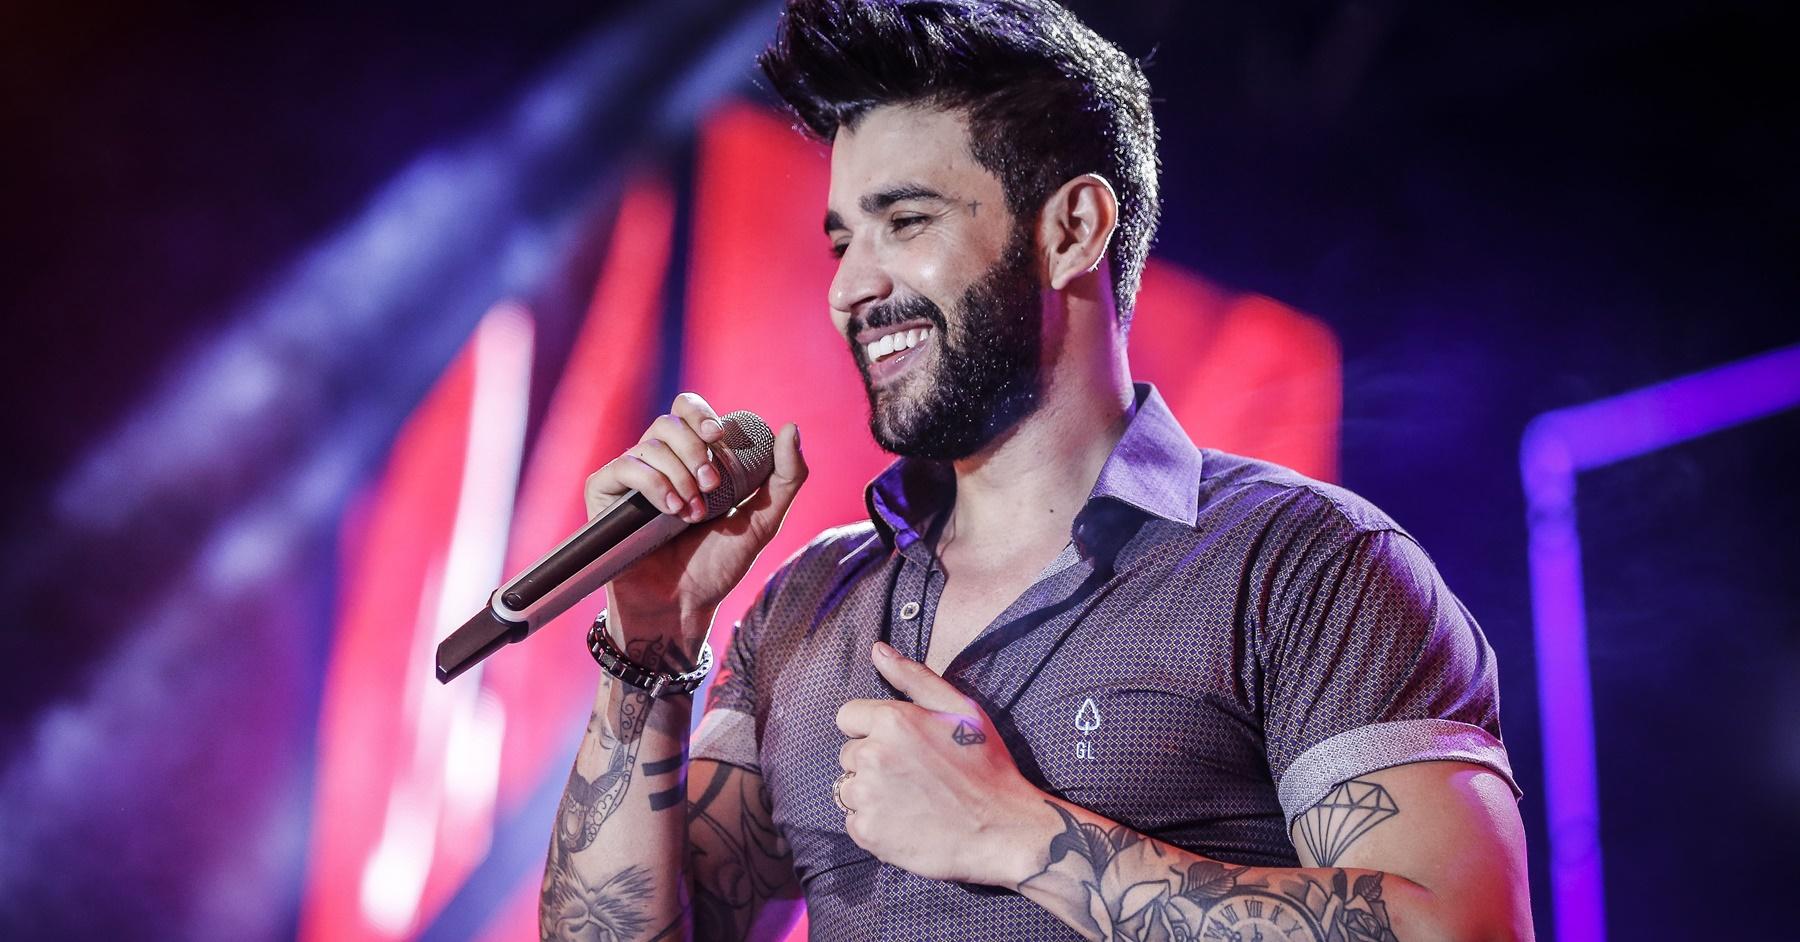 'Para de ligar, bebê': novo hit de Gusttavo Lima bate recorde de acessos